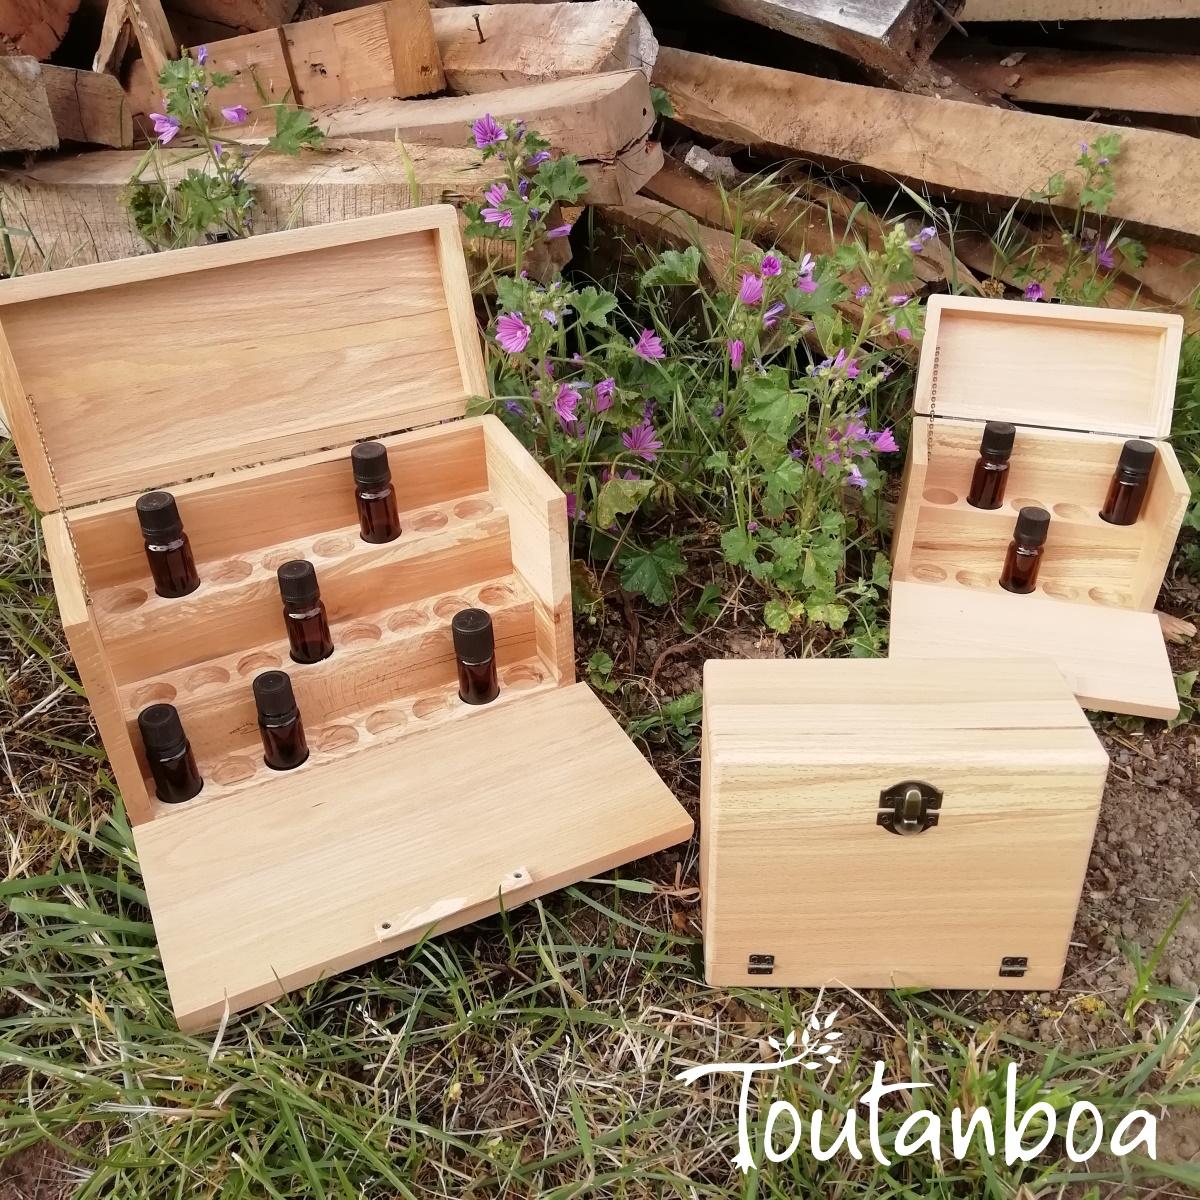 Coffret Pour Huiles Essentielles Atelier Toutanboa Creations Artisanales En Bois Recycle Deco Jouets Meubles Amenagements Pour Pros Sur Mesure